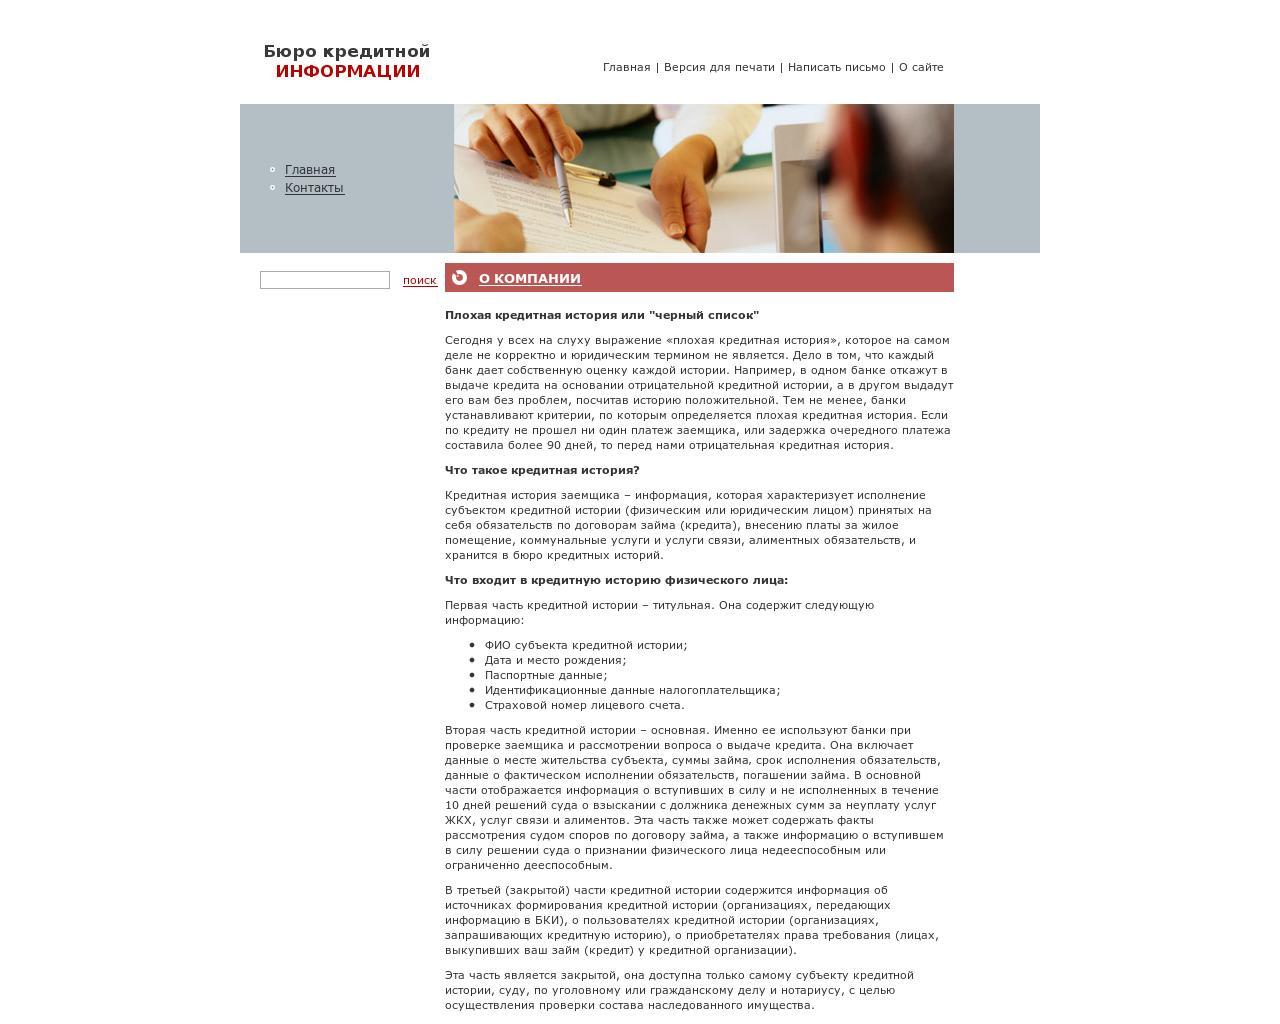 бюро кредитных решений отзывы испарители для электронных